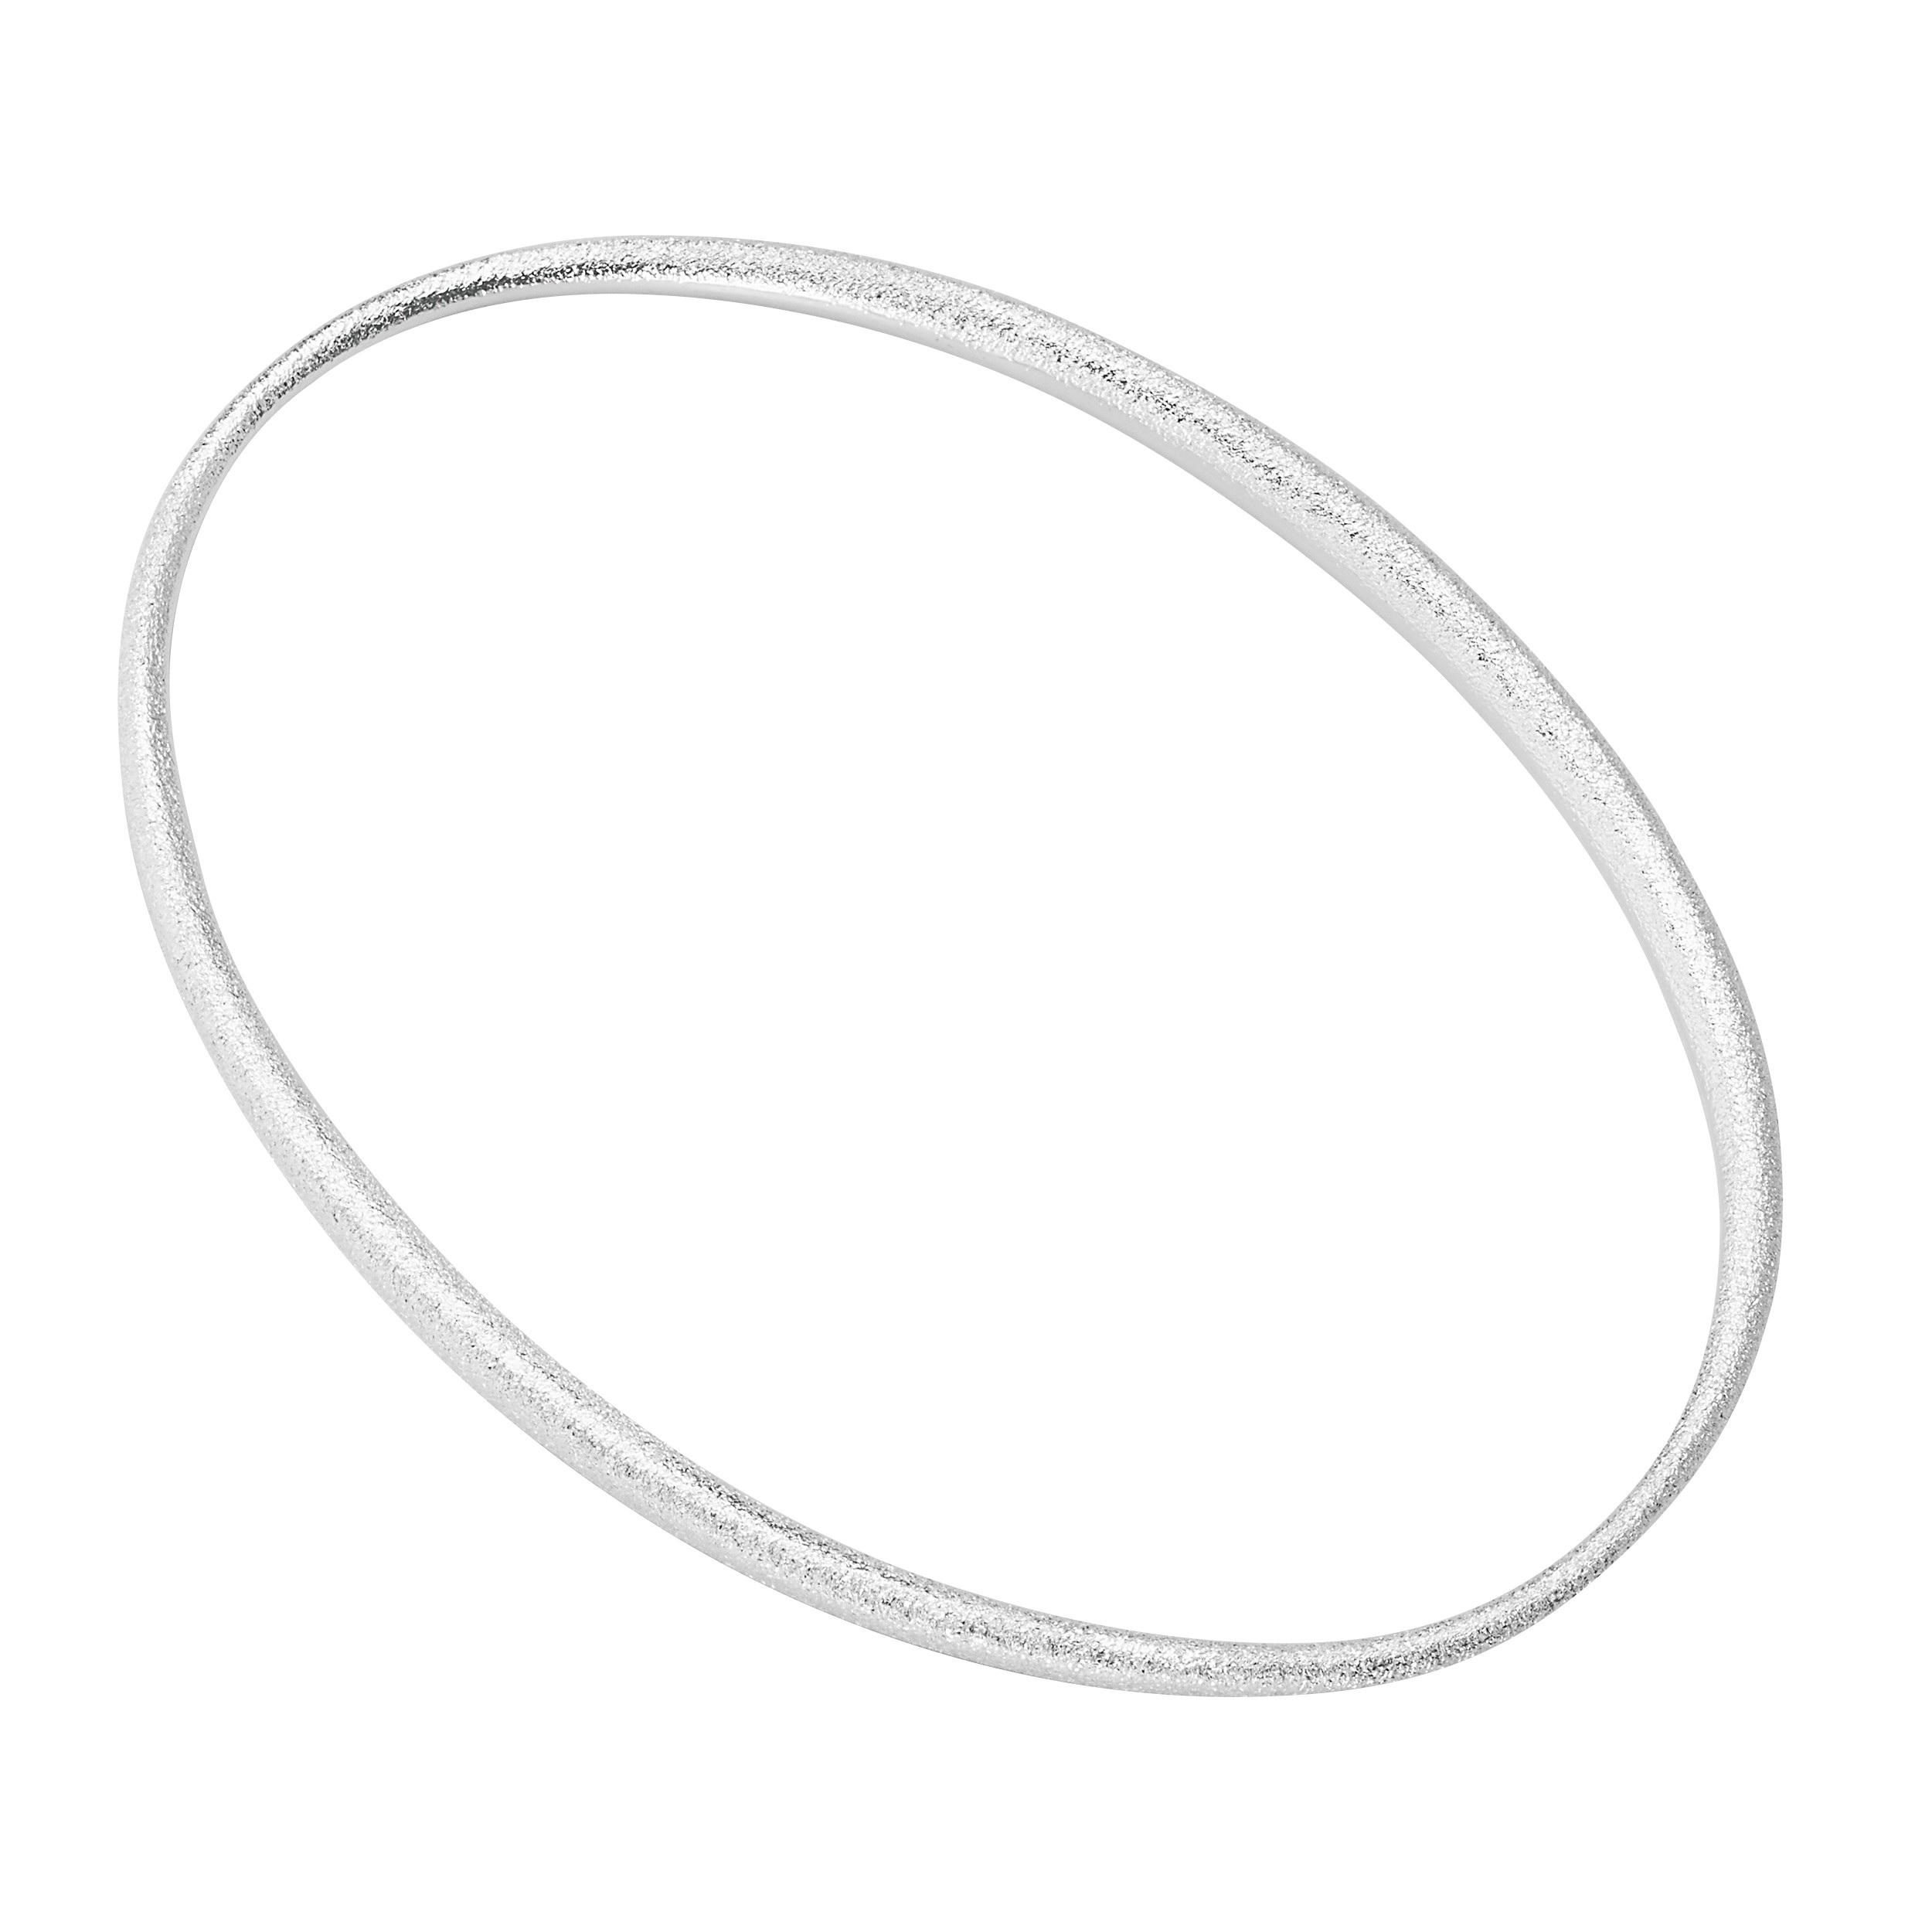 Les Amis bracelet matte 1590 SEK